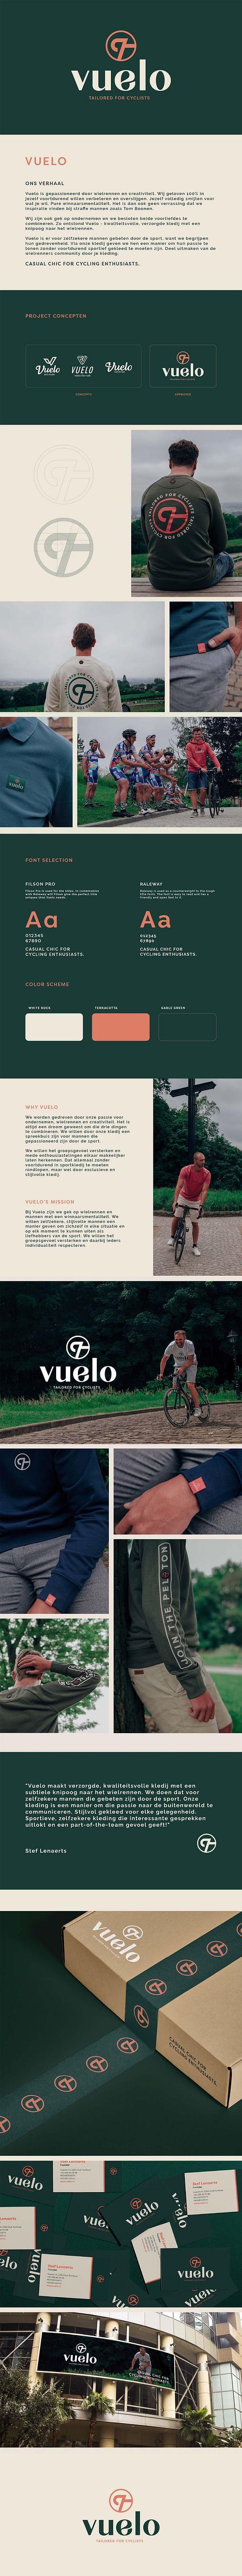 Vuelo - Branding & Positionering